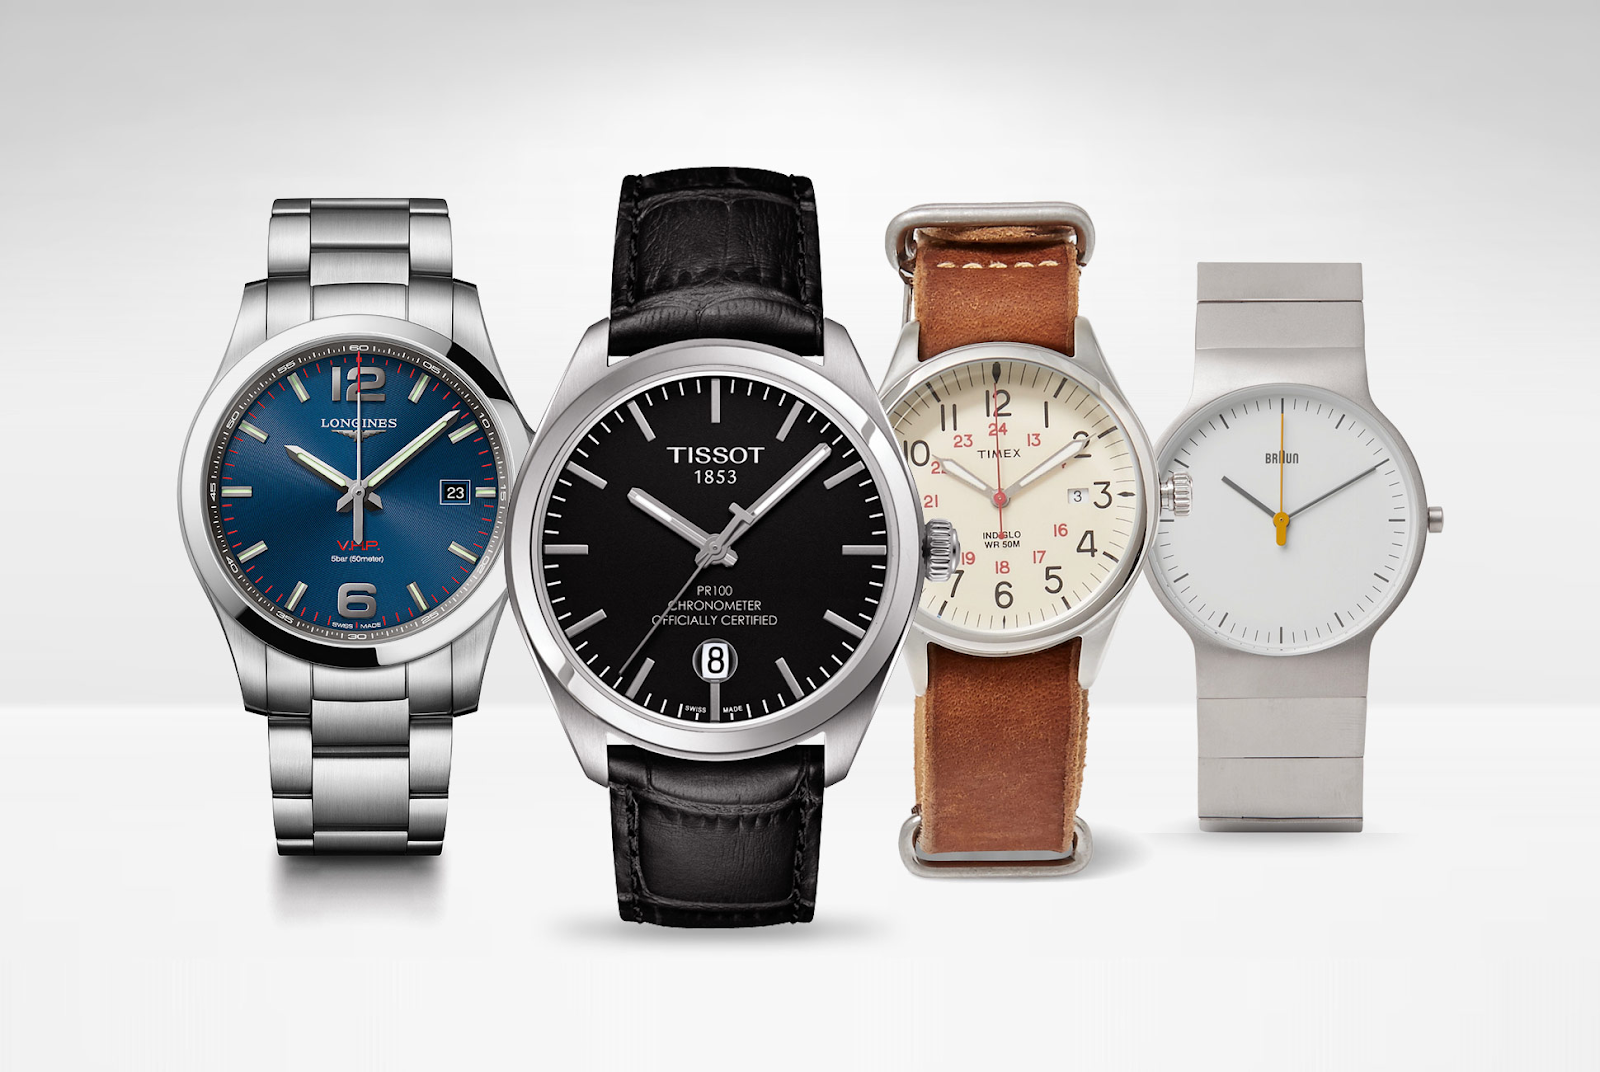 fb4fa1c34 Relógio manual, automático ou de quartzo? Qual escolher na hora de ...